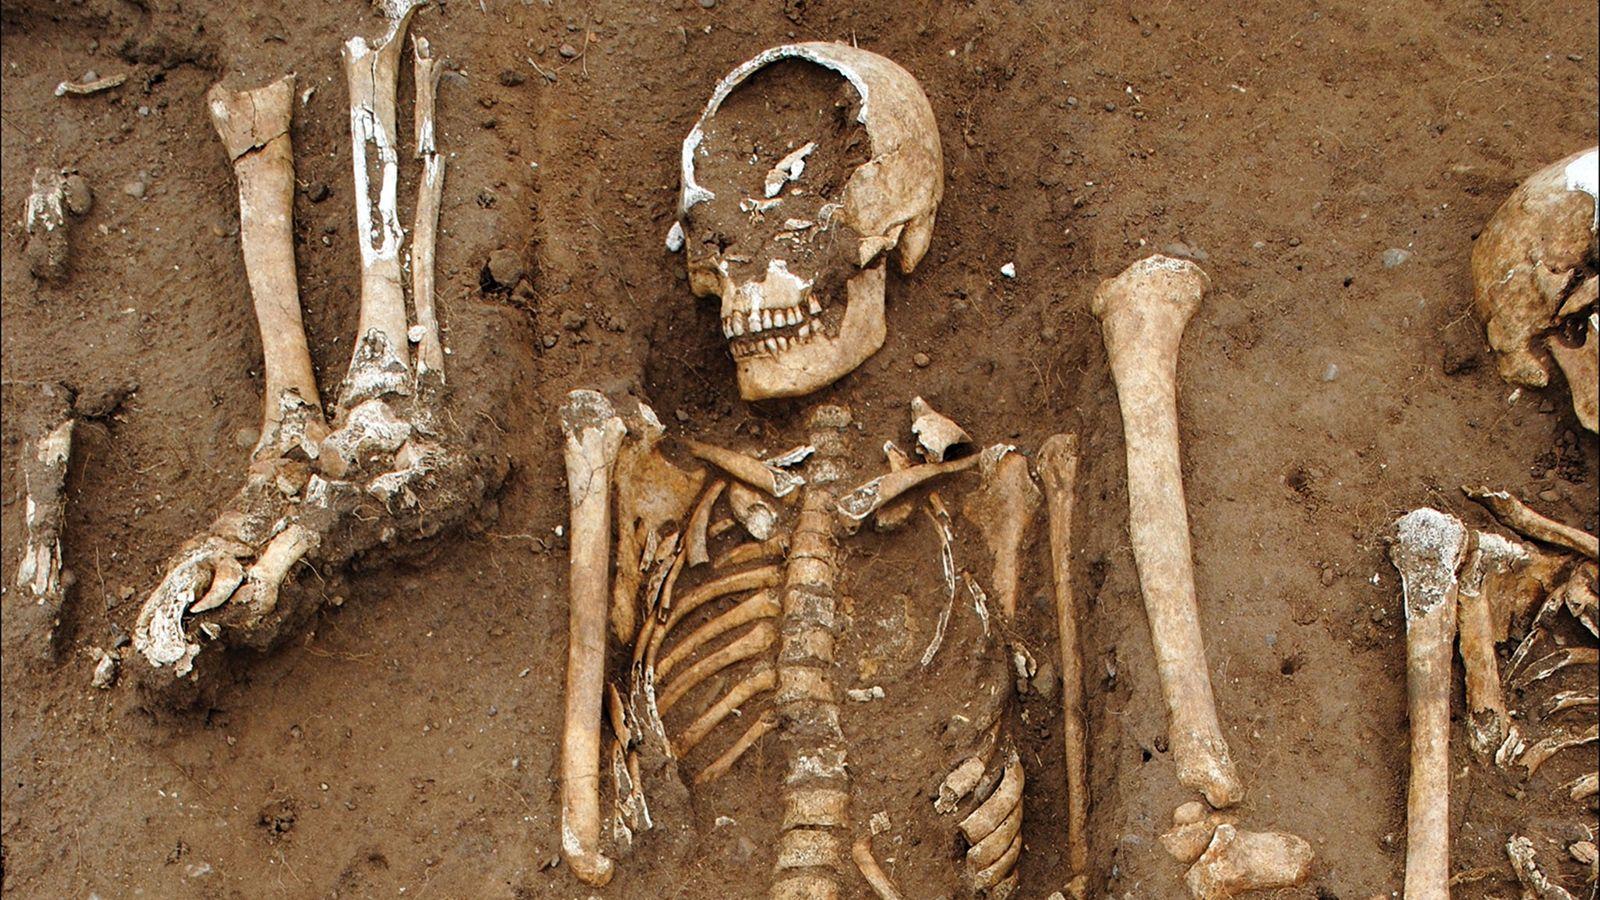 Quarante-huit personnes ont été enterrées dans une tombe commune sur les terres de l'abbaye de Thornto, ...